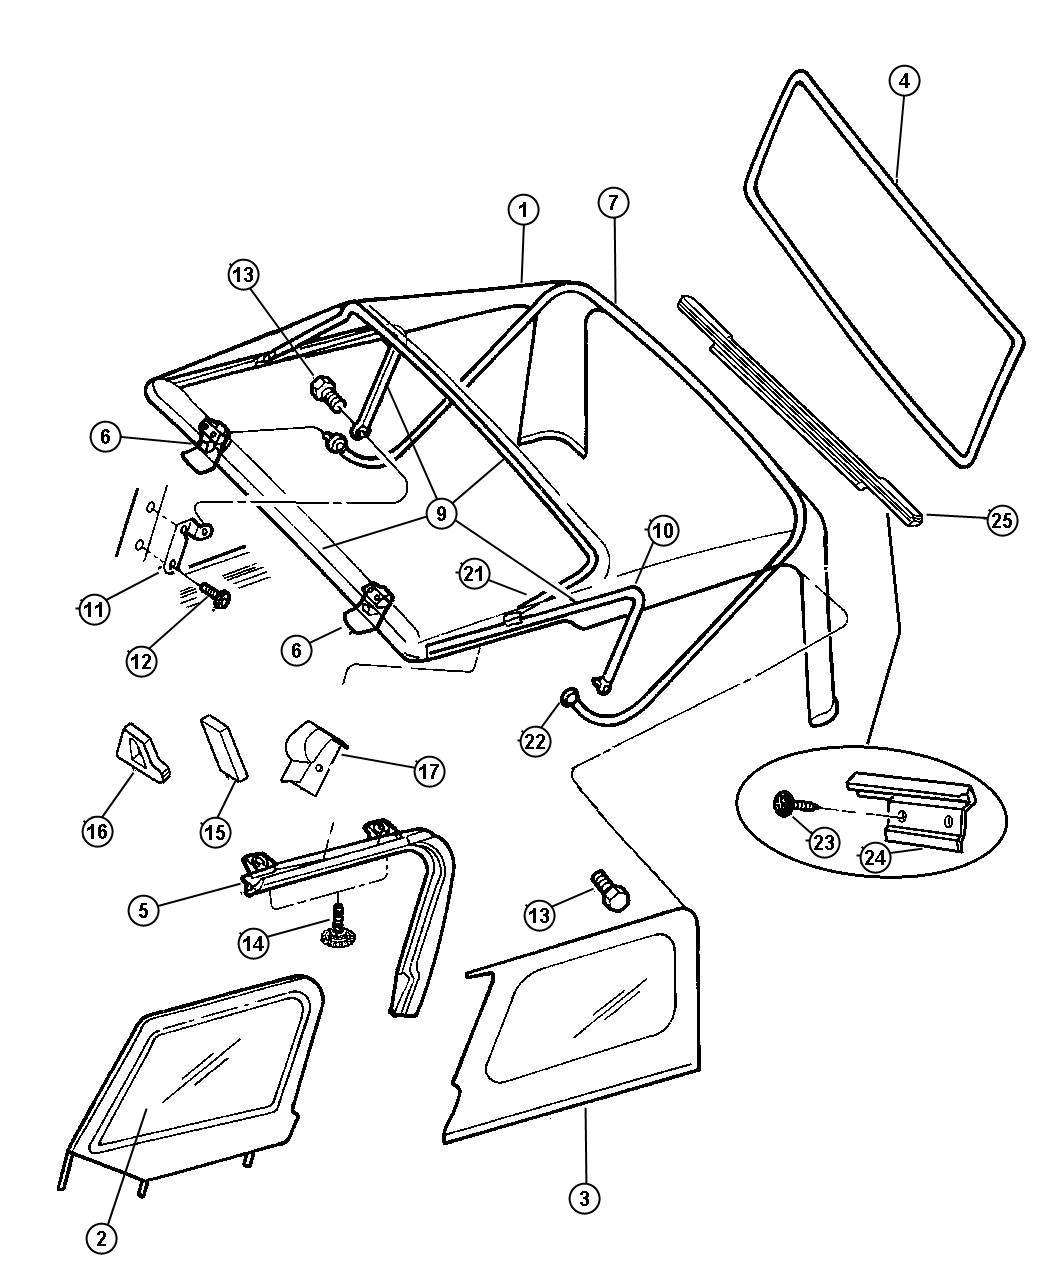 Tj jeep window seal diagram yj jeep hardtop wiring at ww w freeautoresponder